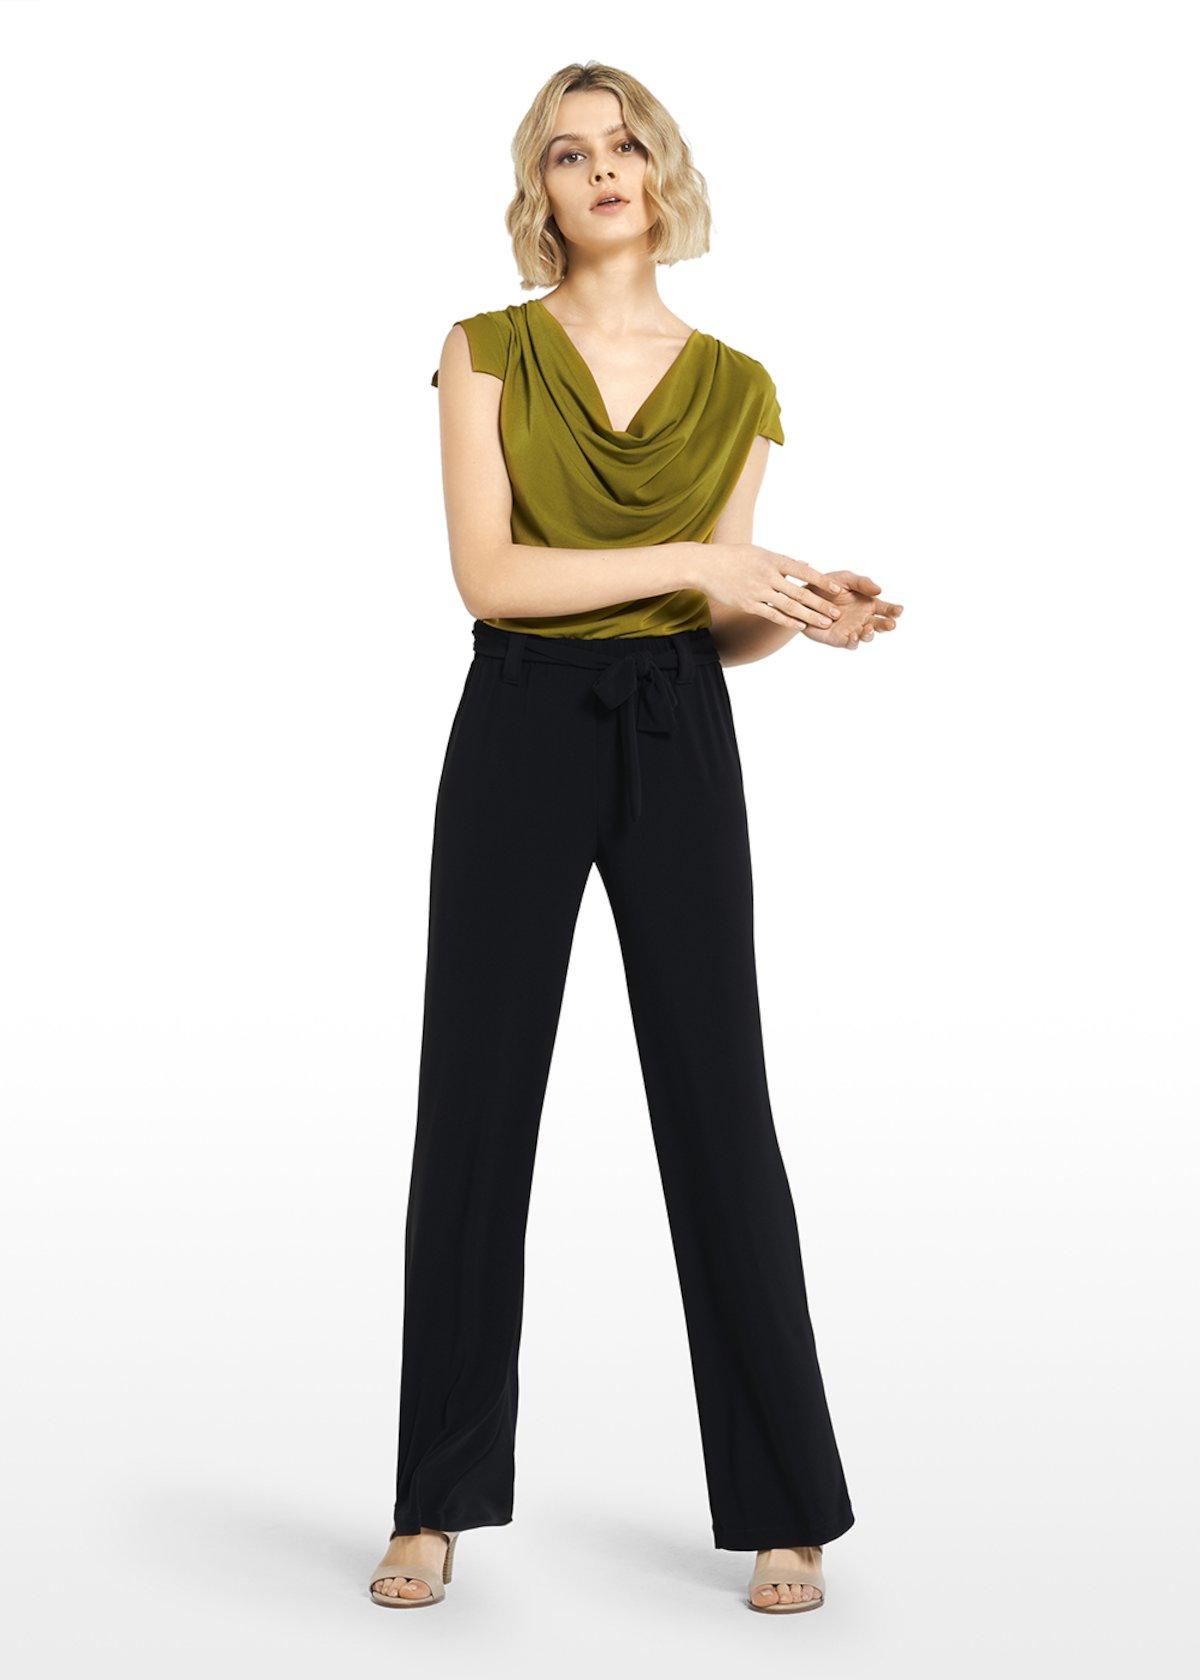 Pantaloni Pincher in jersey con fusciacca - Black - Donna - Immagine categoria